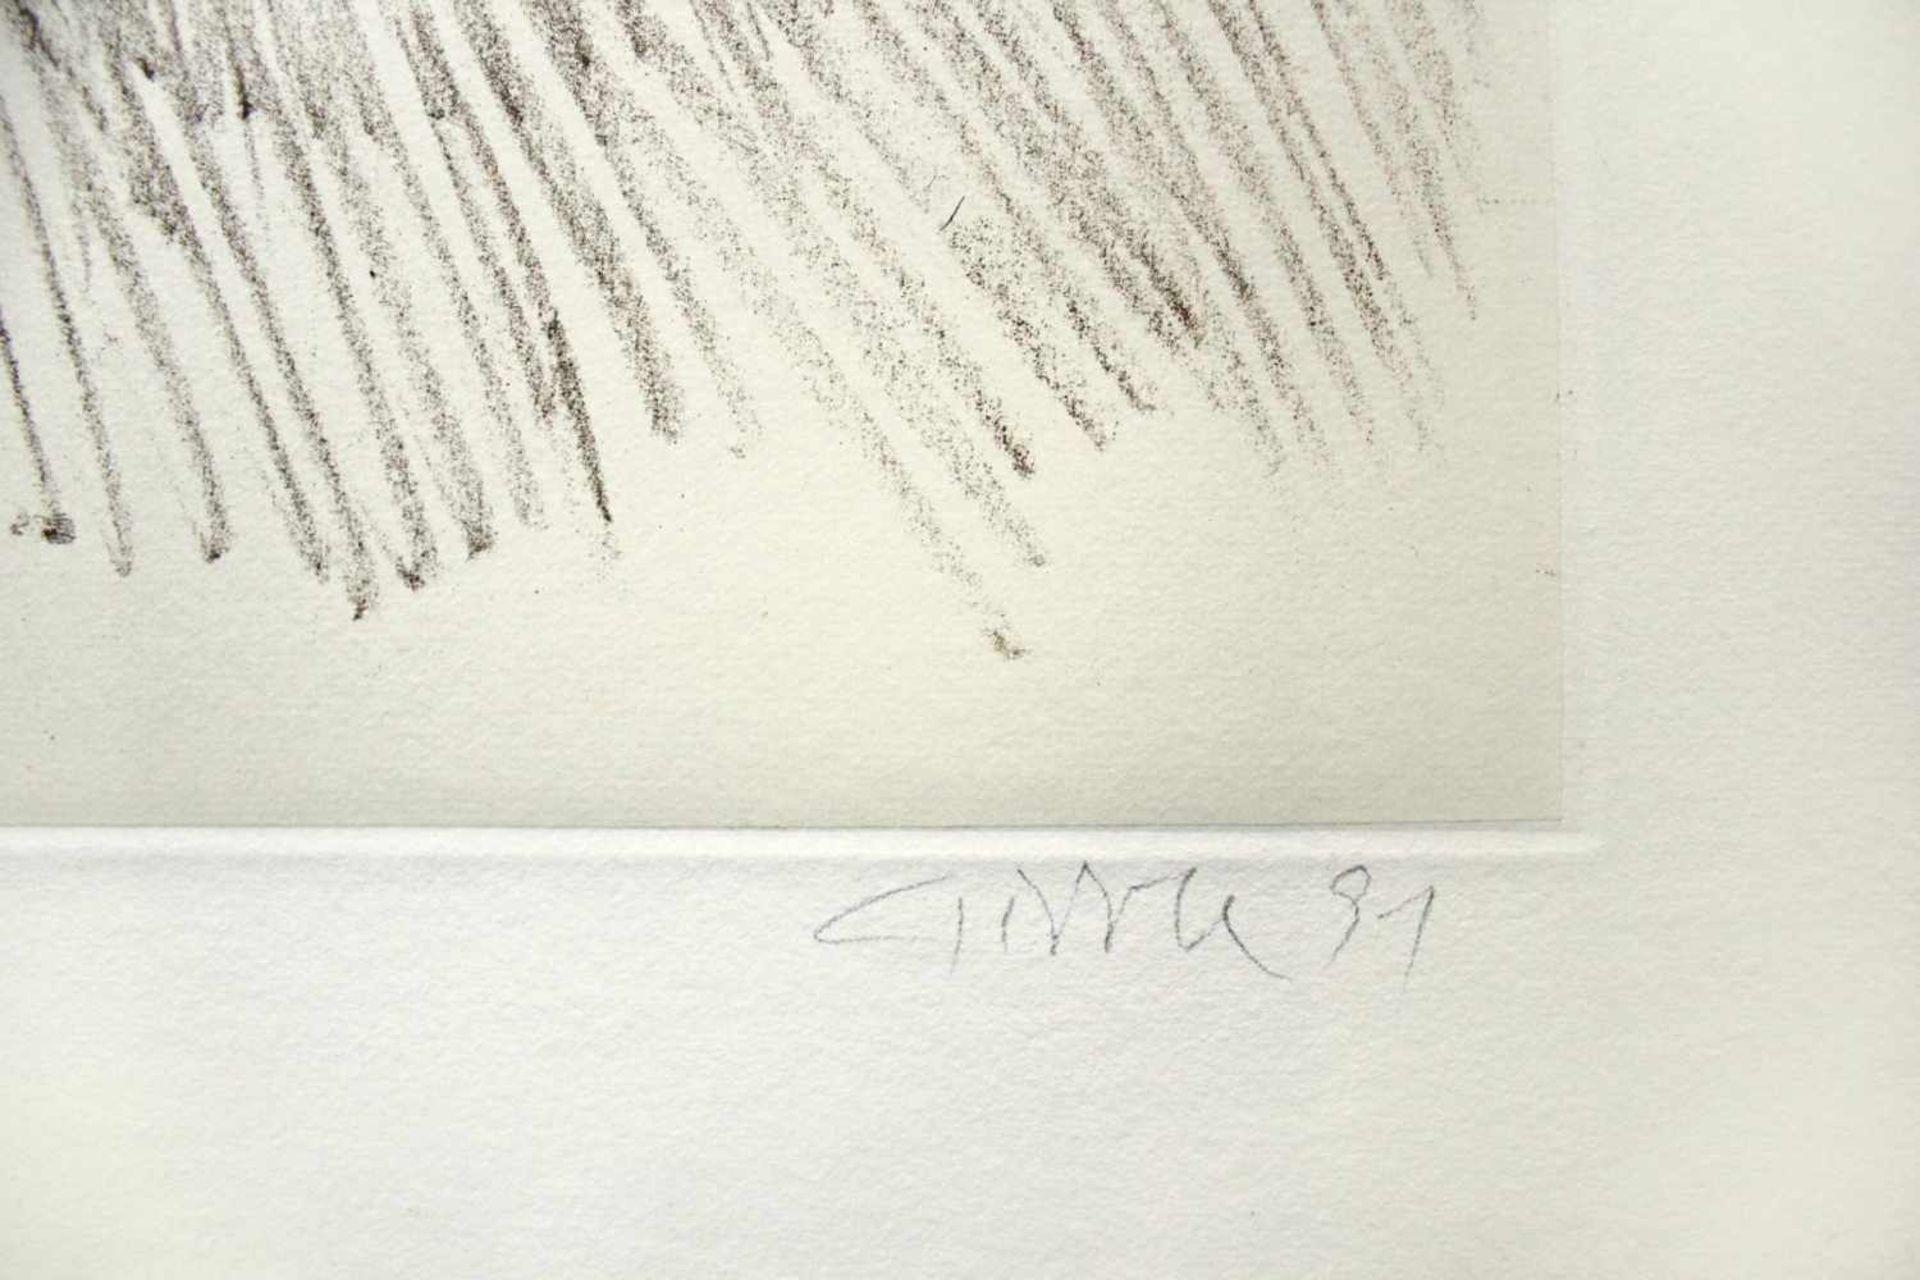 Raimund Girke 1930-2002 o.T. 1991 Radierung auf Rives-Bütten - collagiert handsigniert, datiert - Bild 2 aus 3